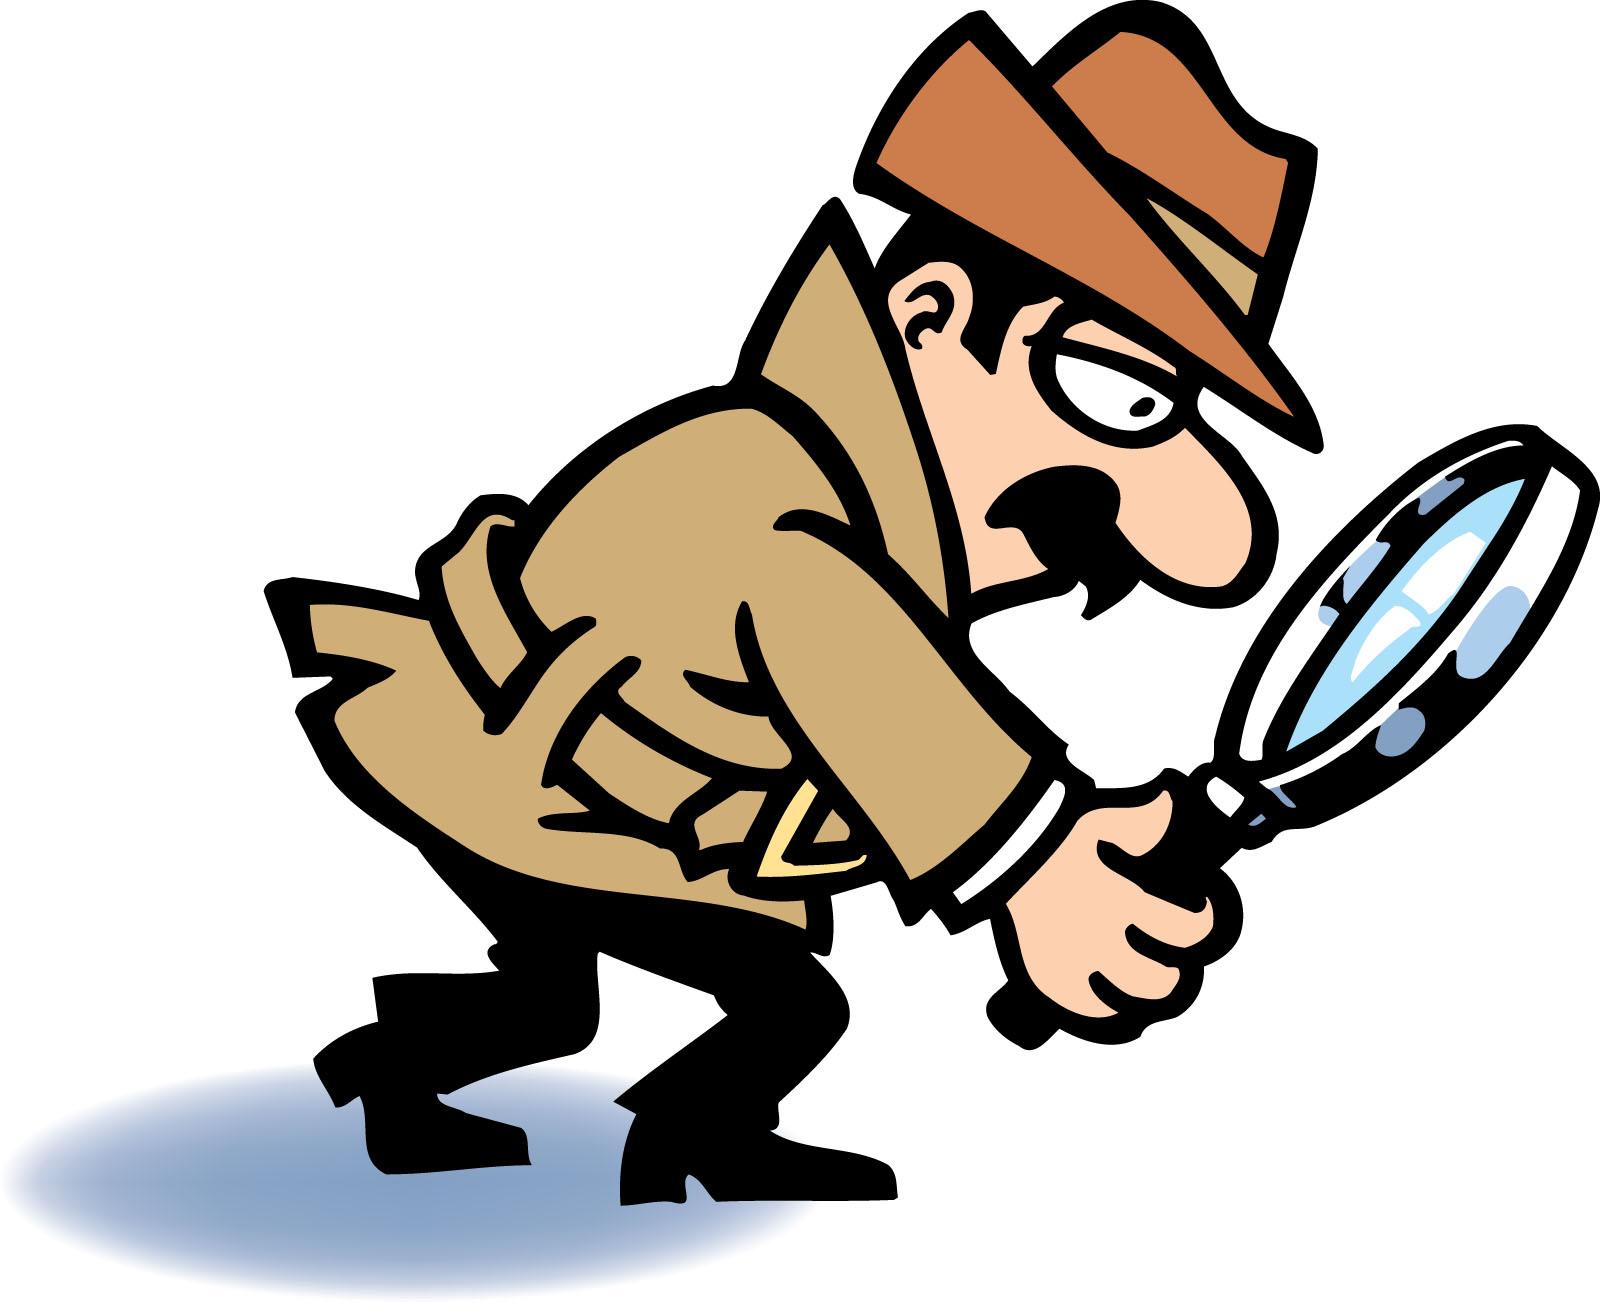 Free images clipartix. Detective clipart